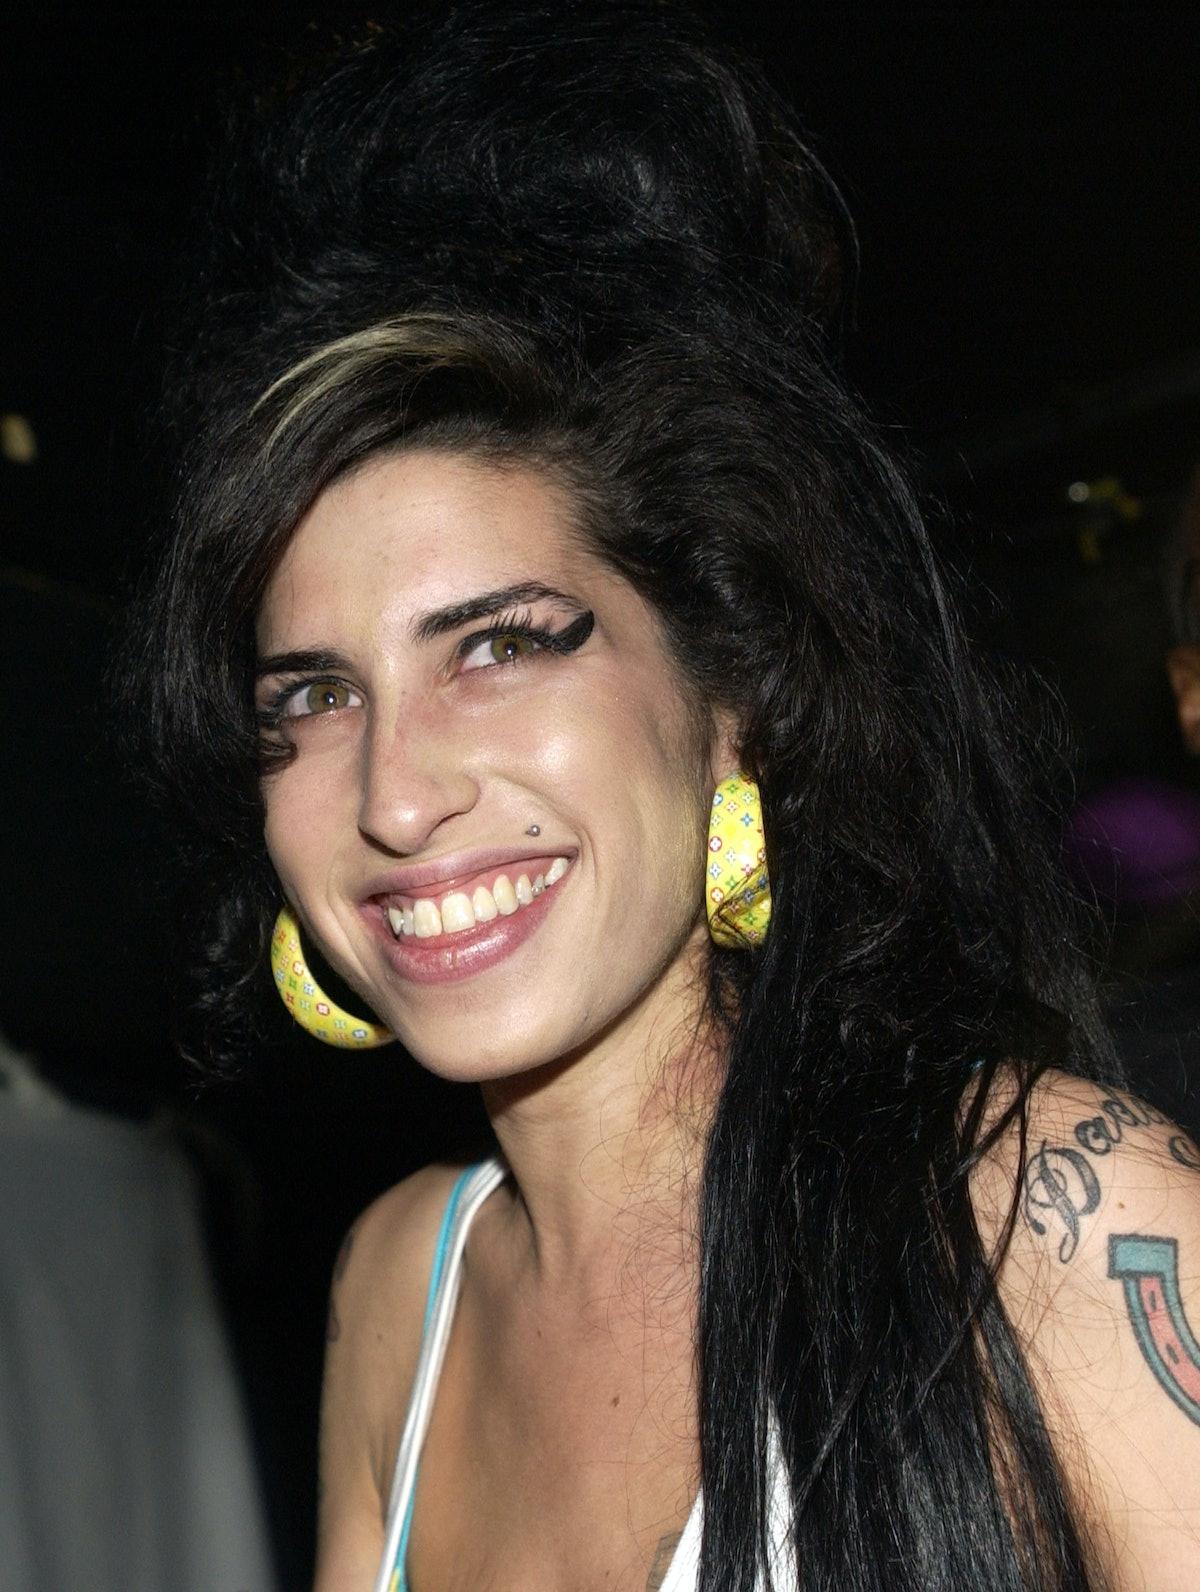 Amy Winehouse Style Earrings